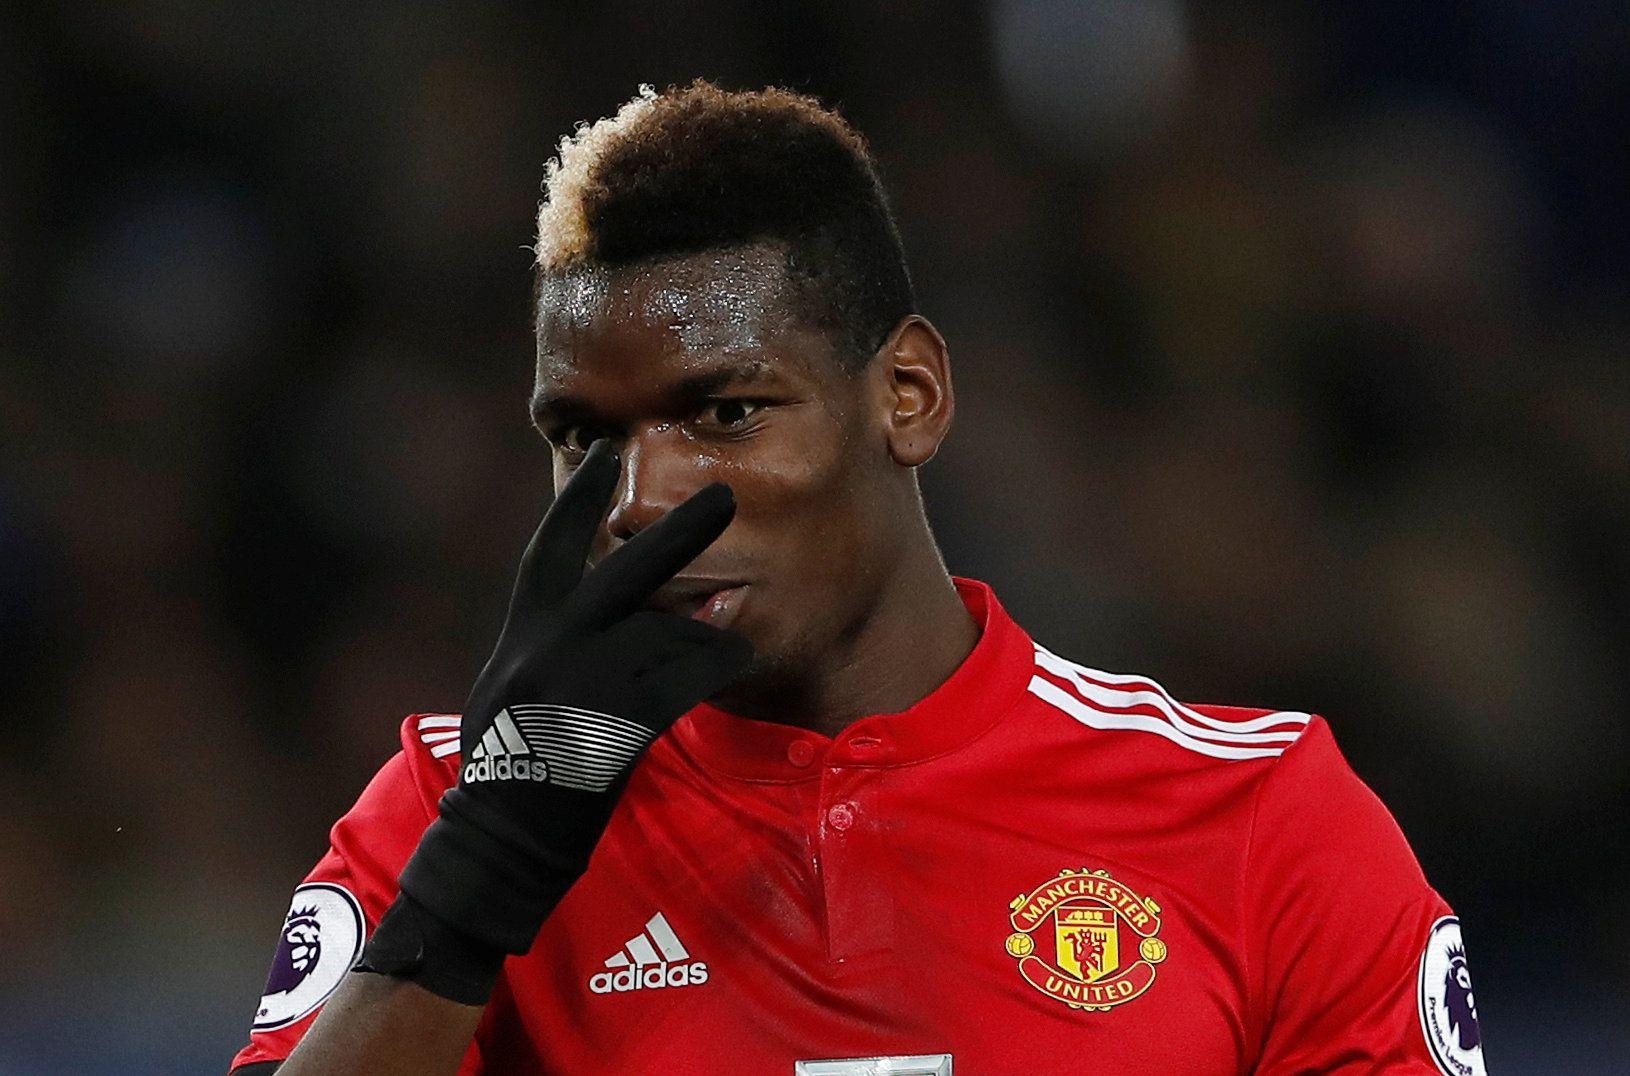 United se po třech remízách dočkali výhry, v nastavení ji vybojoval i Liverpool